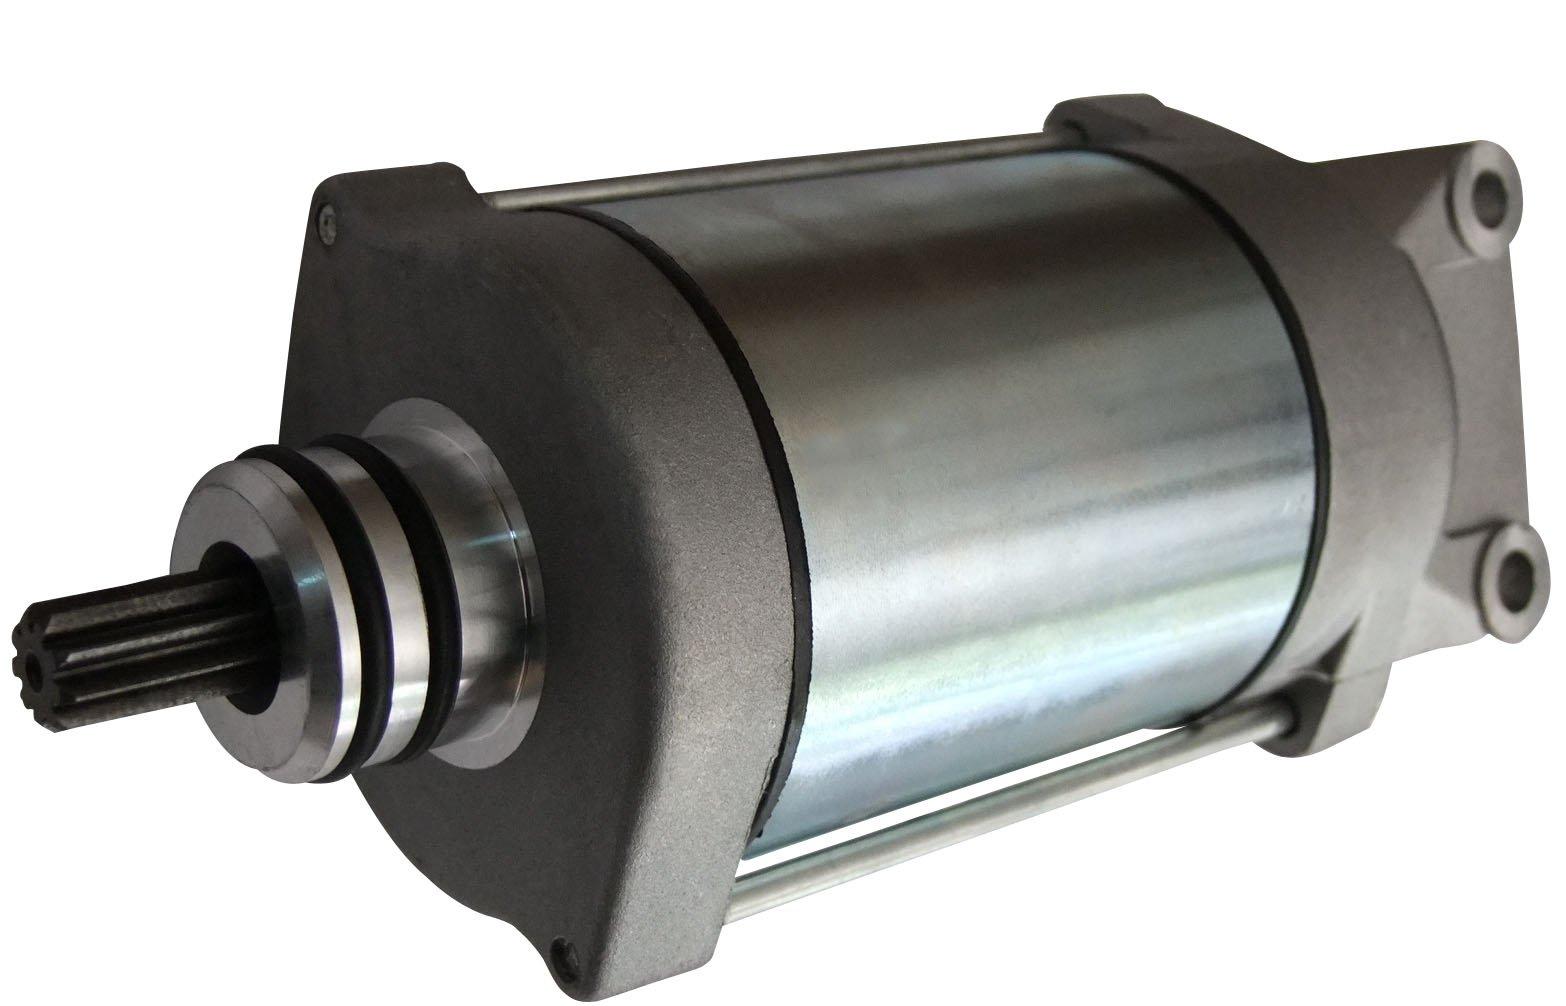 Starter Motor for Polaris 500 Ranger 4x4 499cc 2001-2011